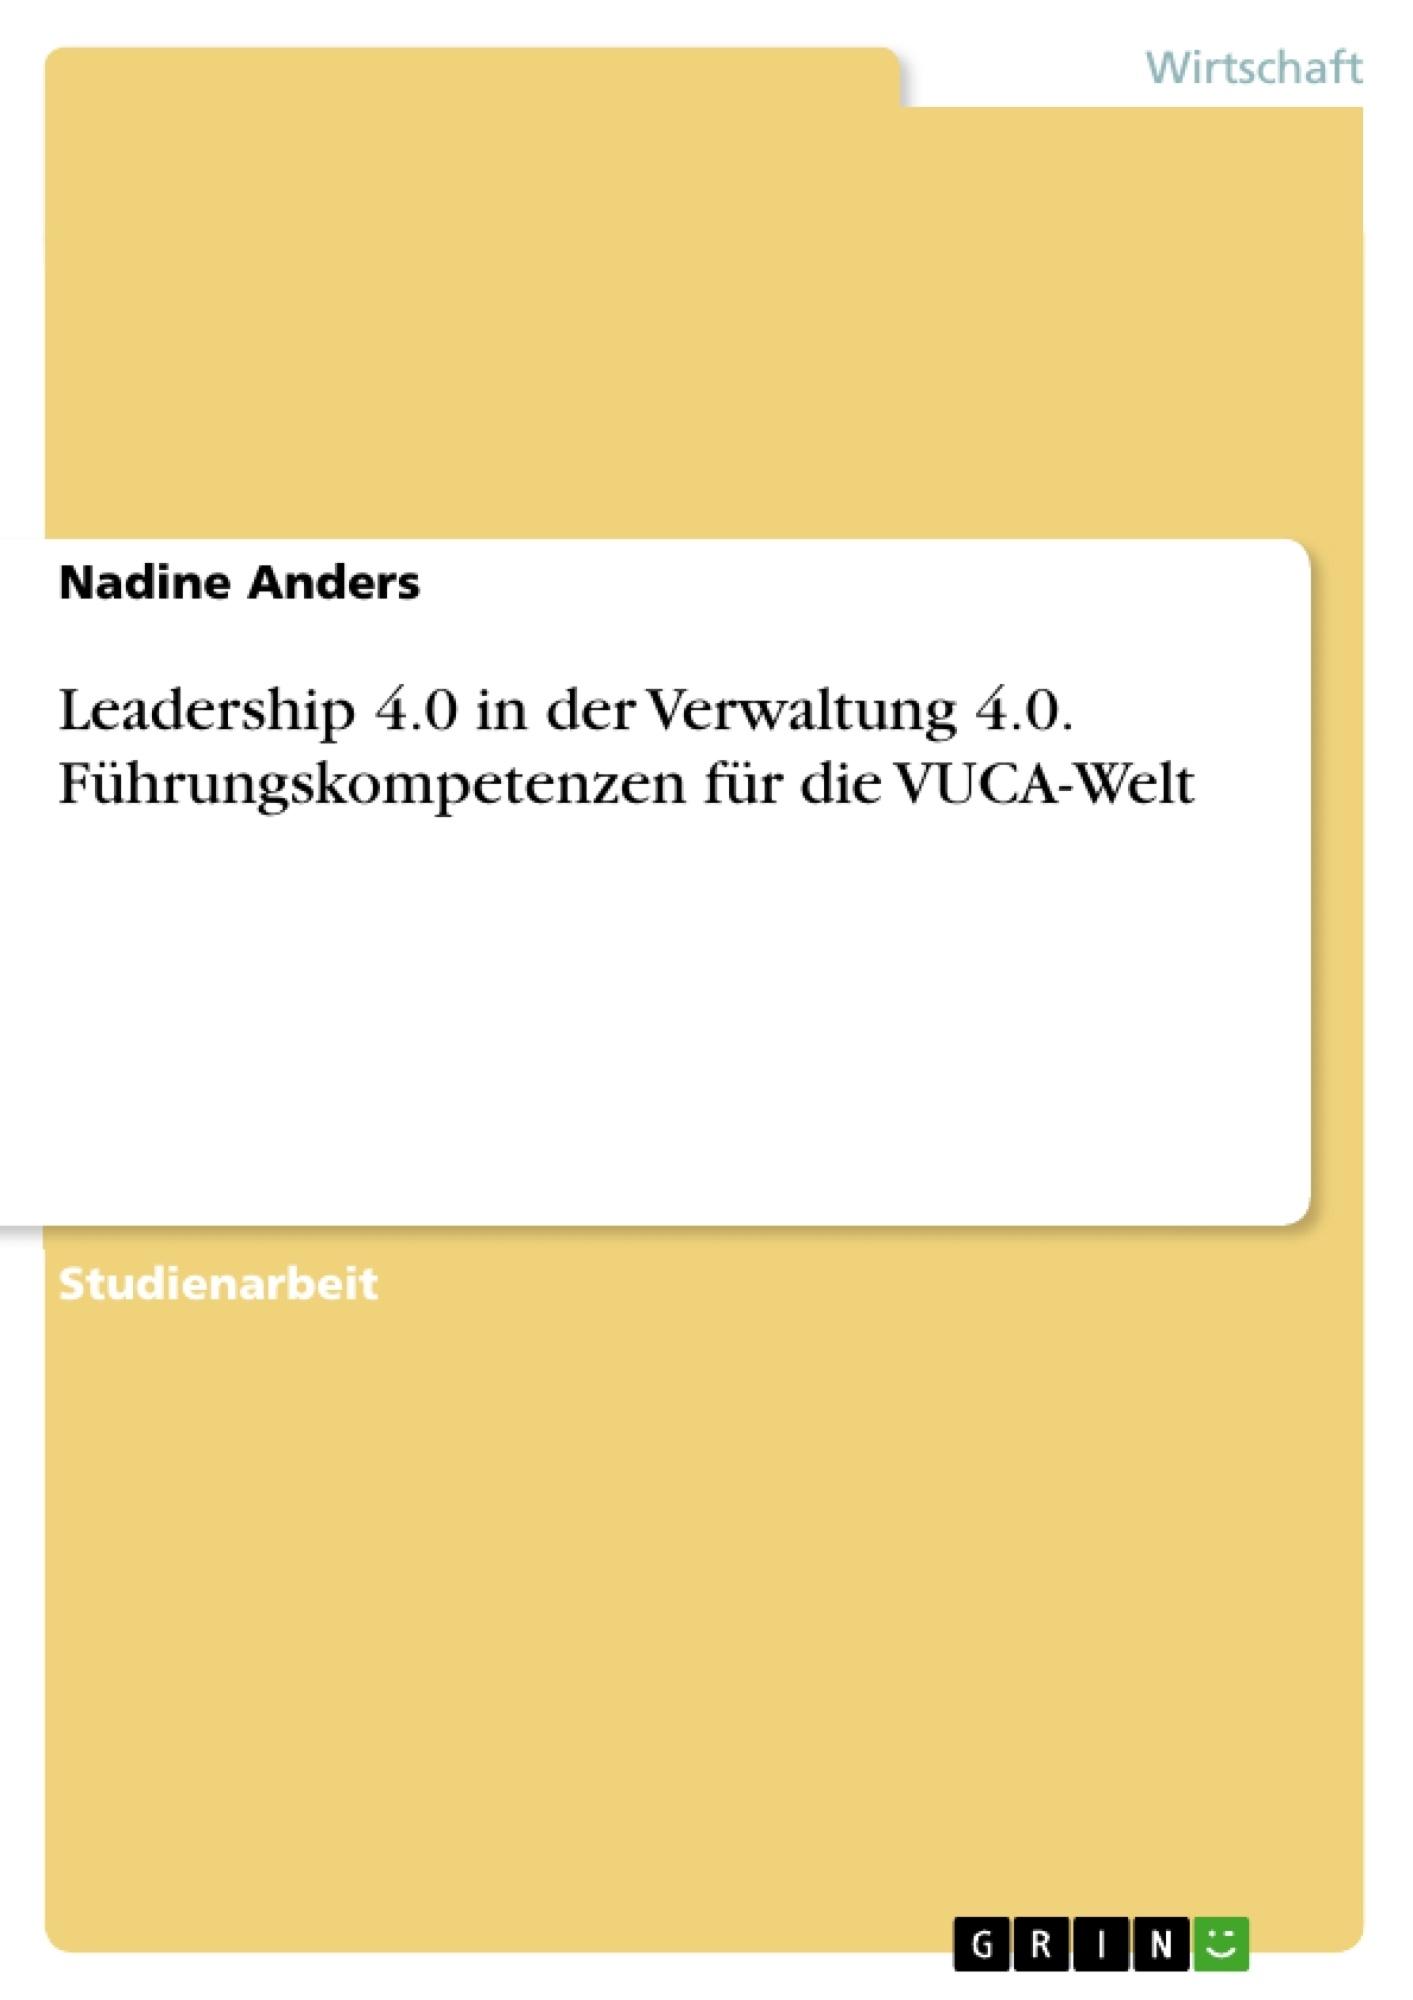 Titel: Leadership 4.0 in der Verwaltung 4.0. Führungskompetenzen für die VUCA-Welt